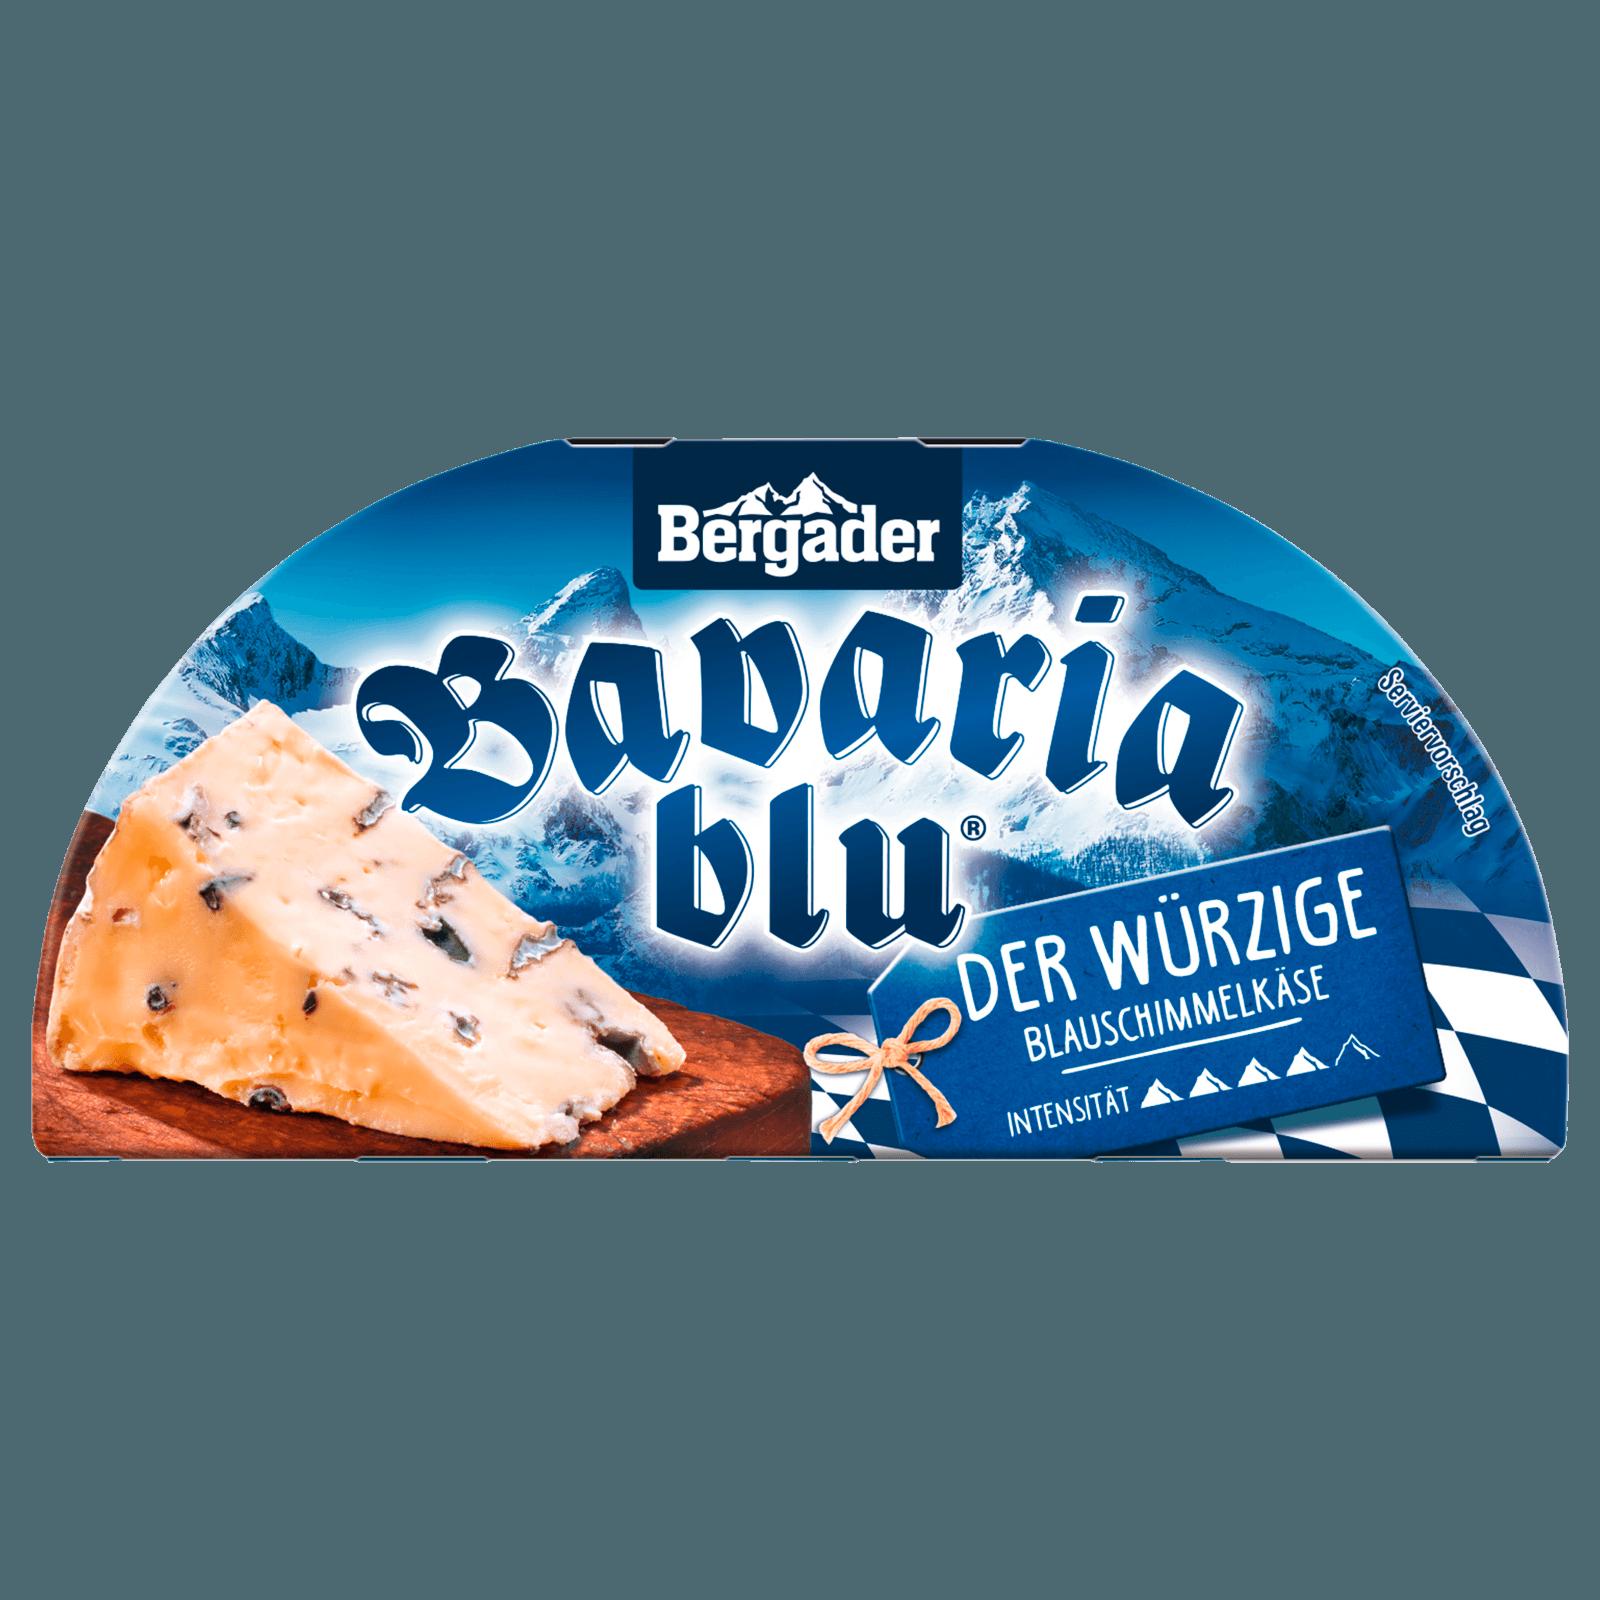 Bavaria blu Der Würzige 175g